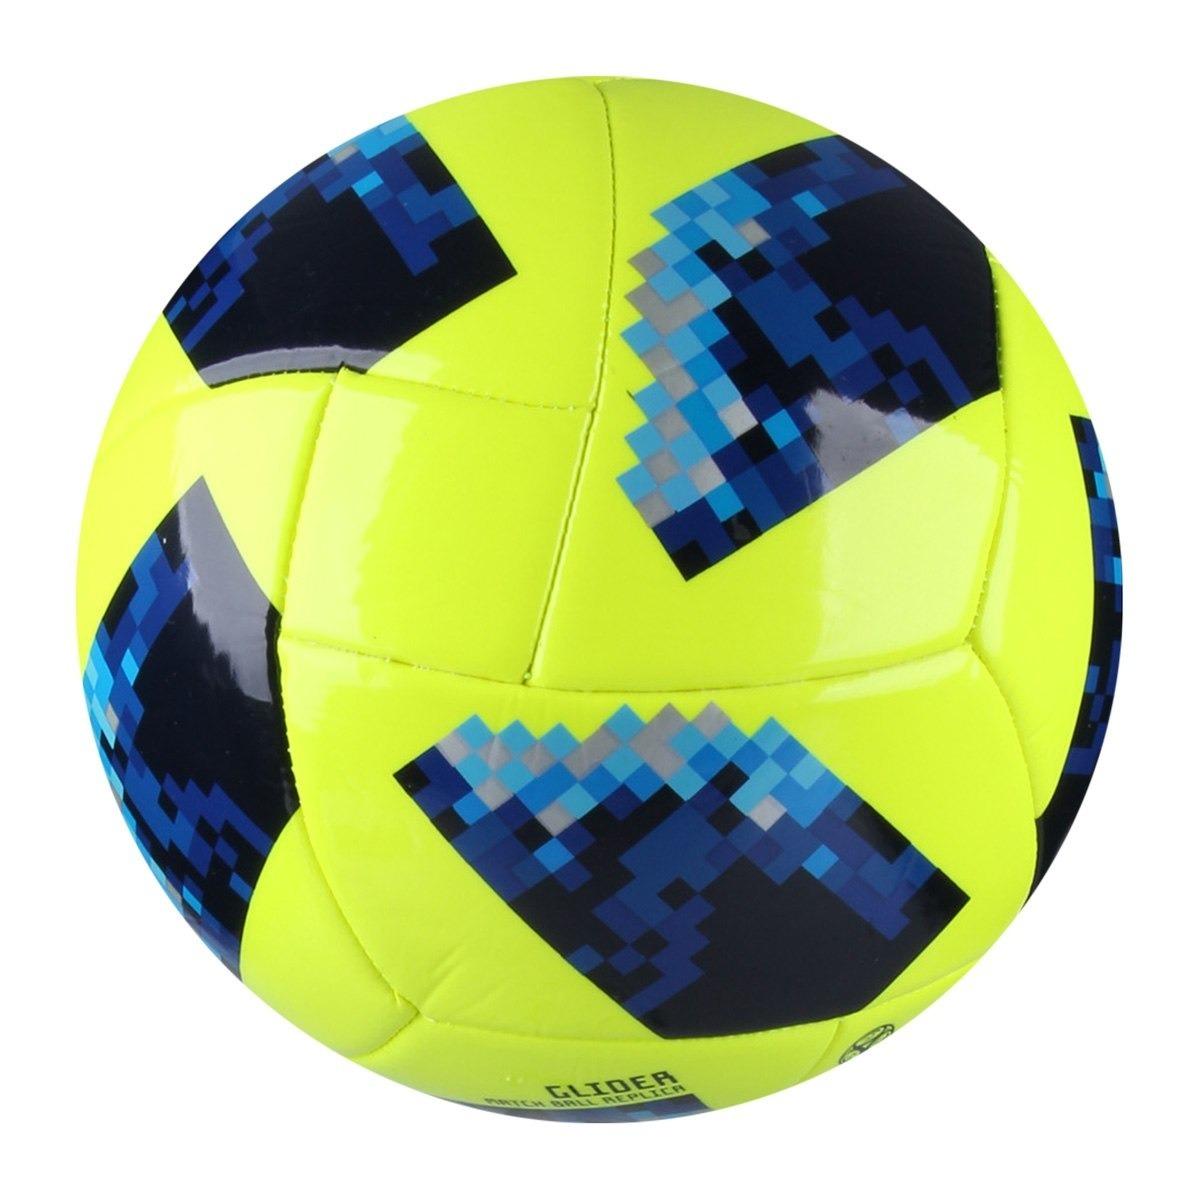 8745889209 Bola Futebol Campo adidas Telstar 18 Glider - R  99